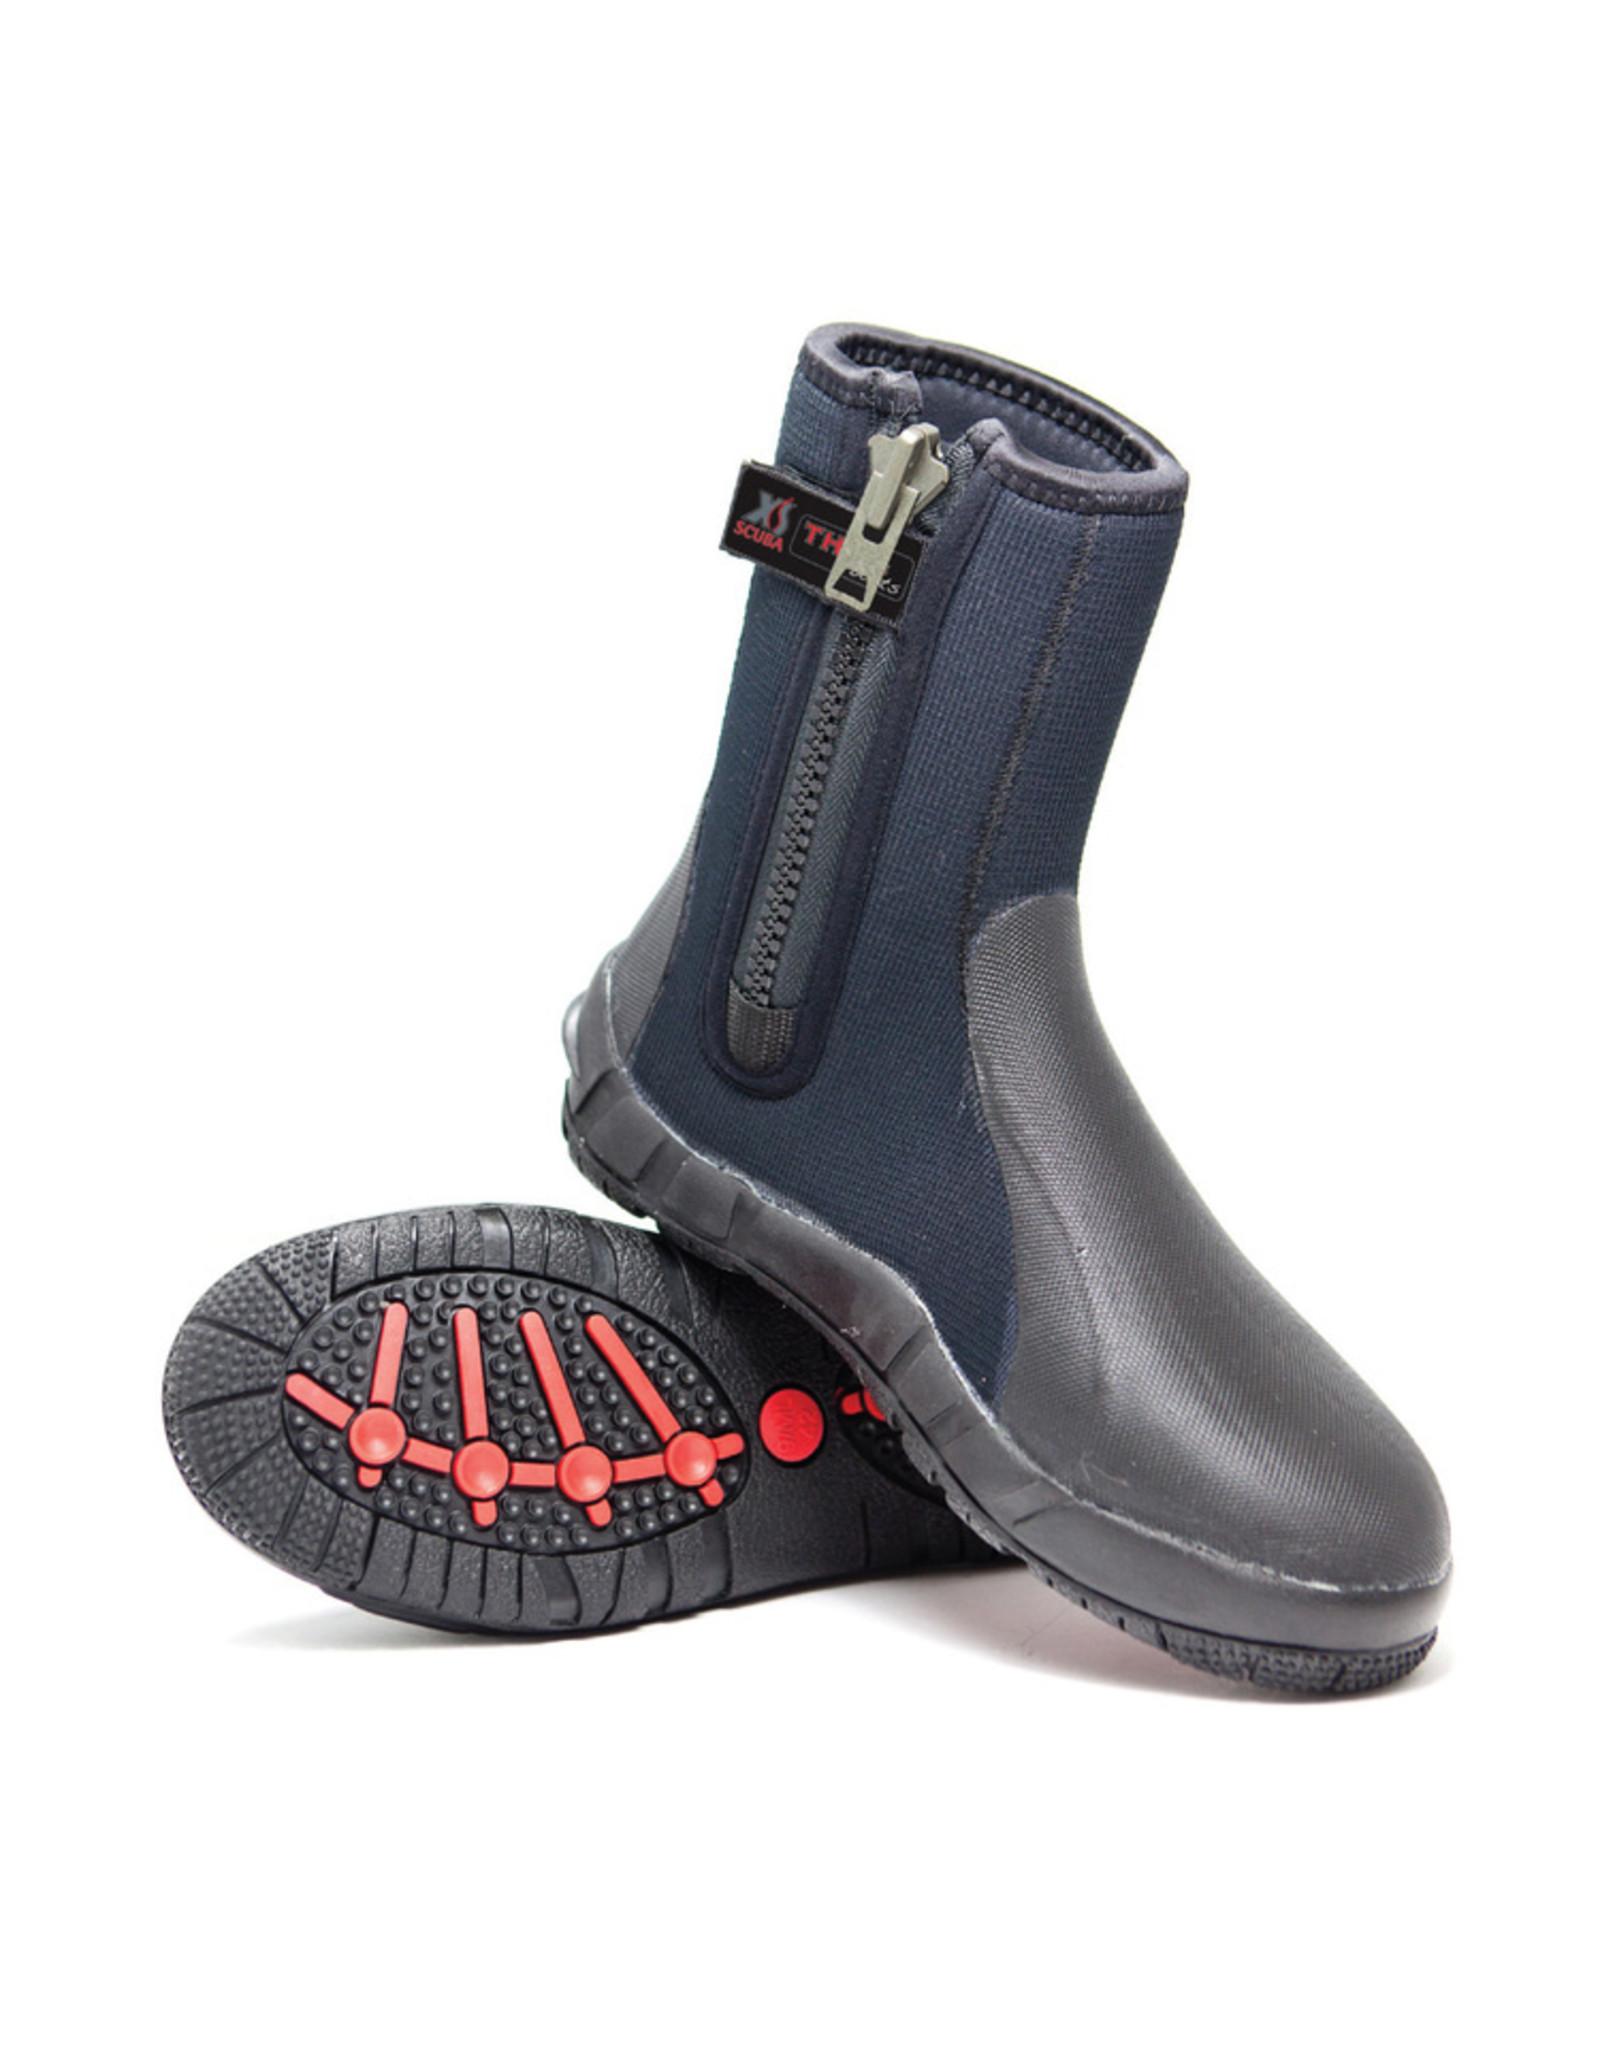 XS SCUBA XS Scuba 8mm Thug Zipper Boots -